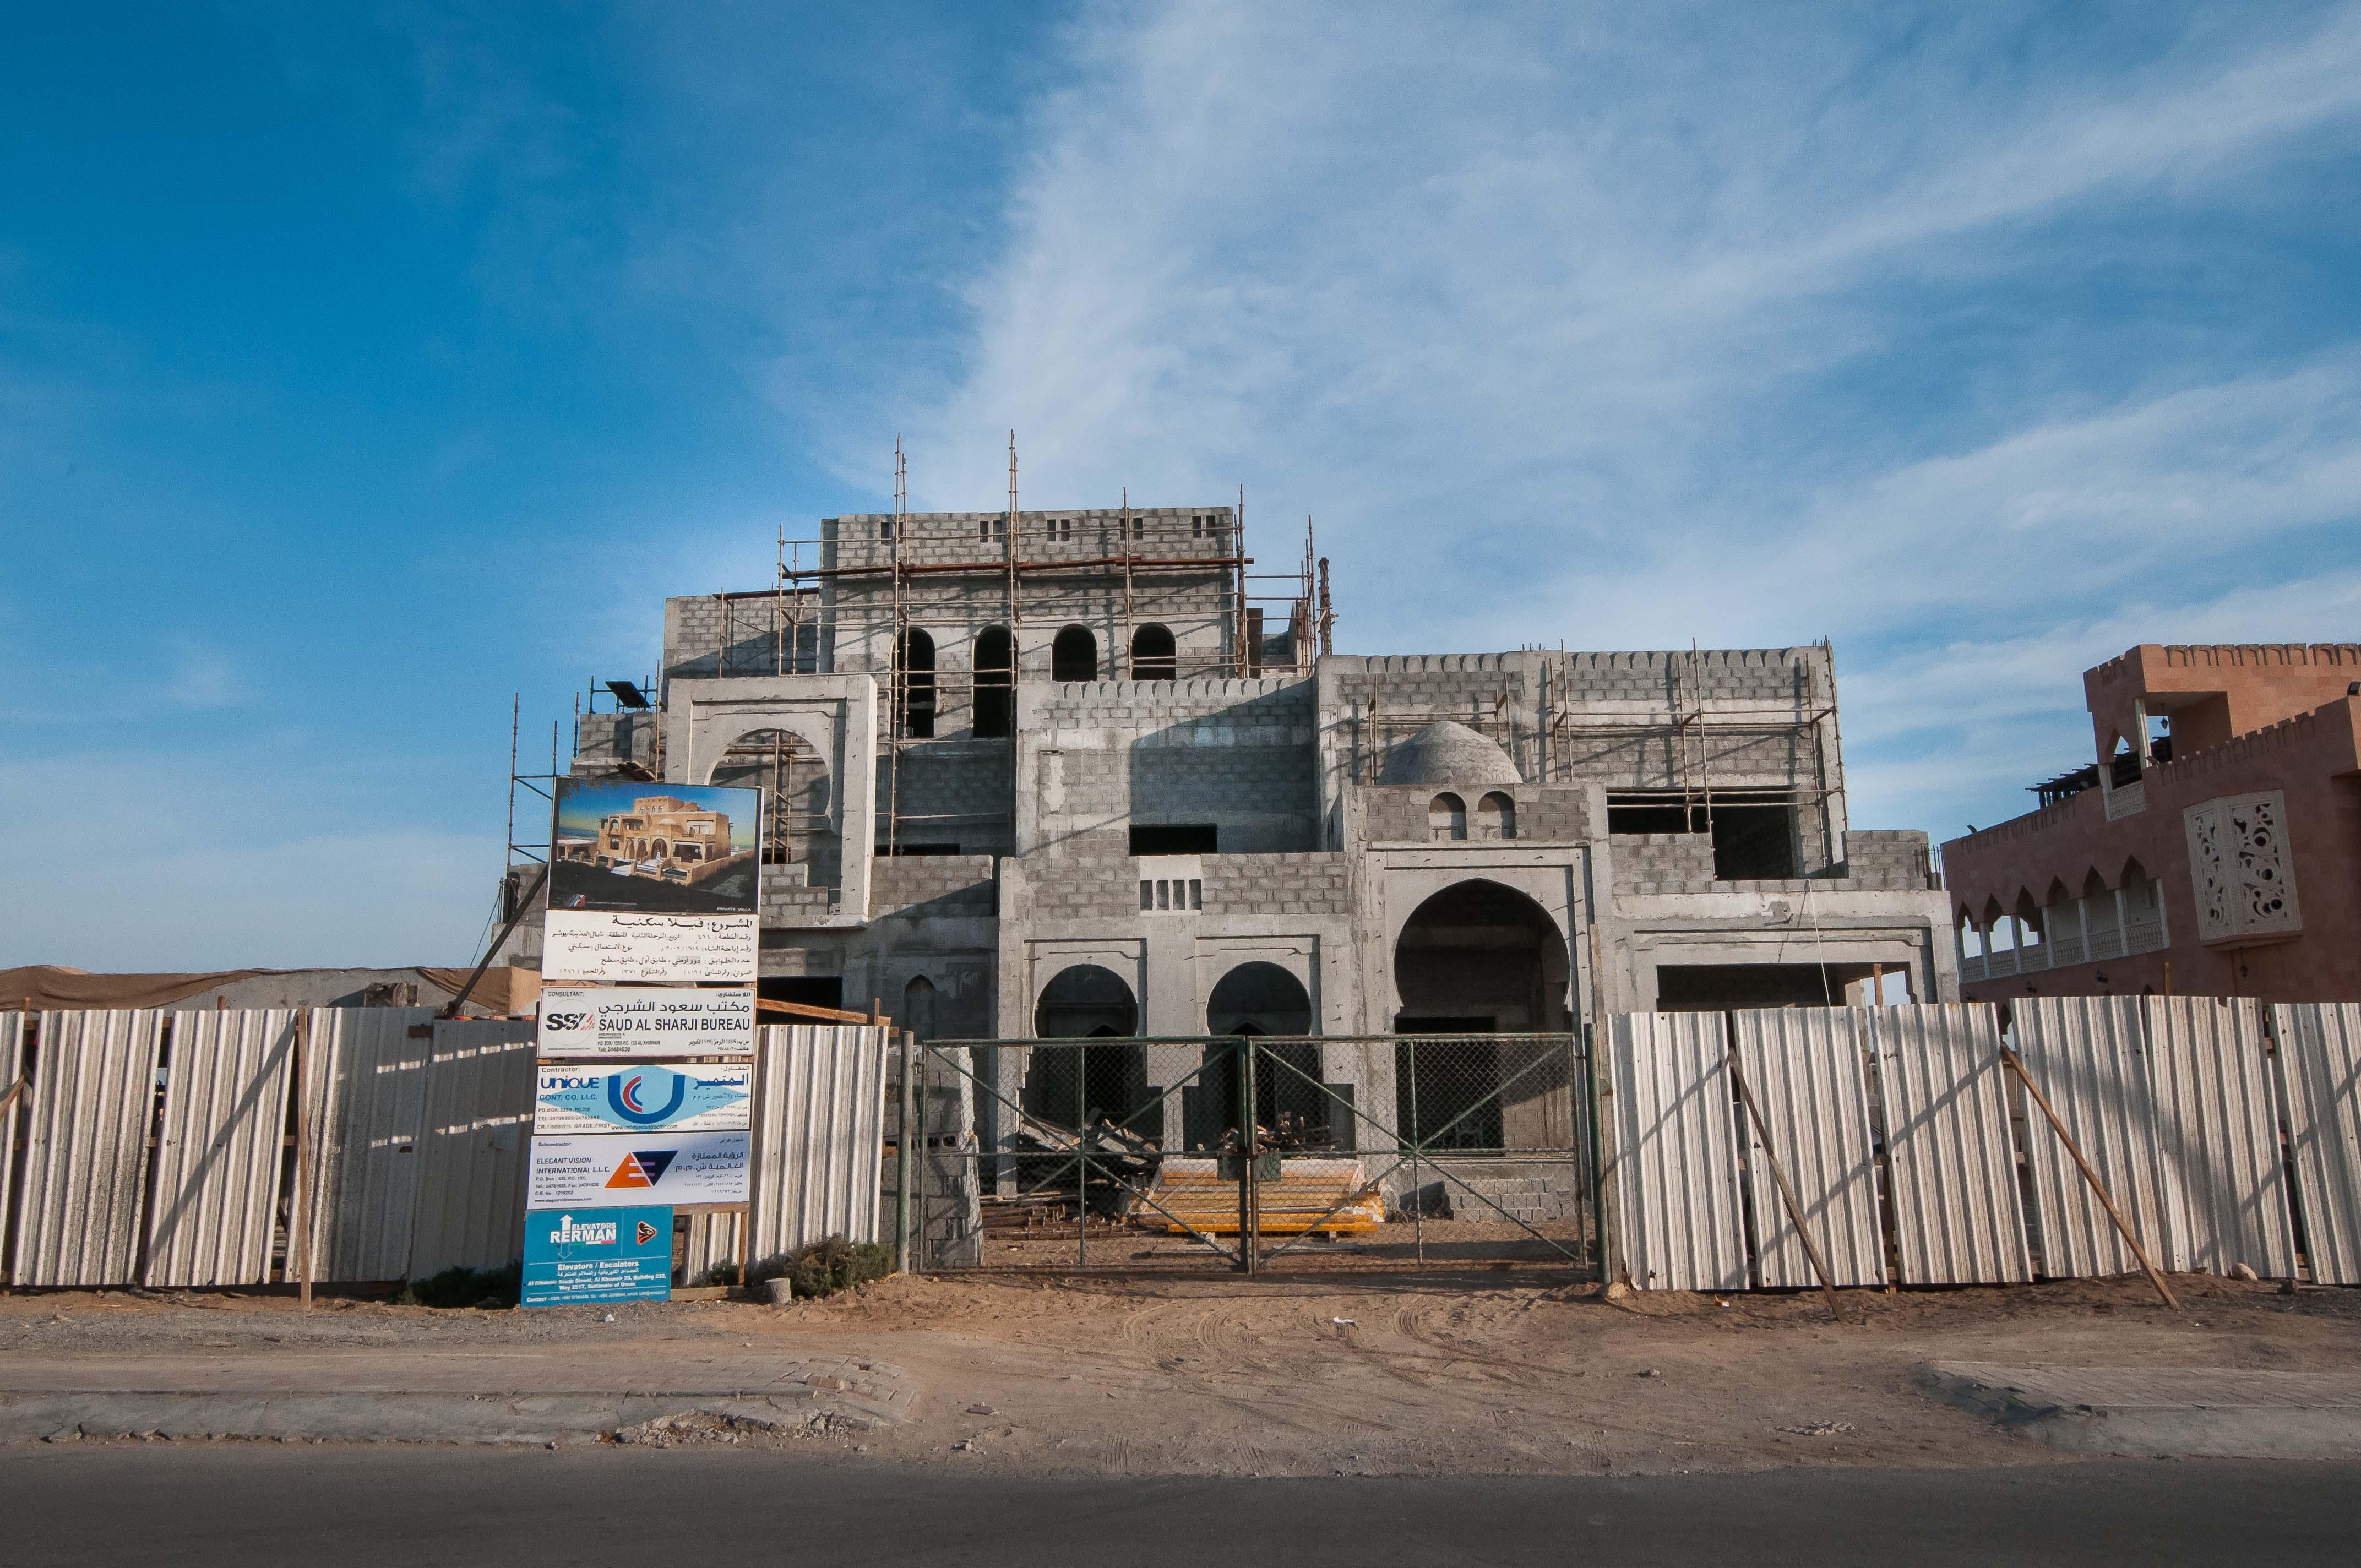 Construction of residential villa at al azaiba north j232 for Construction villa